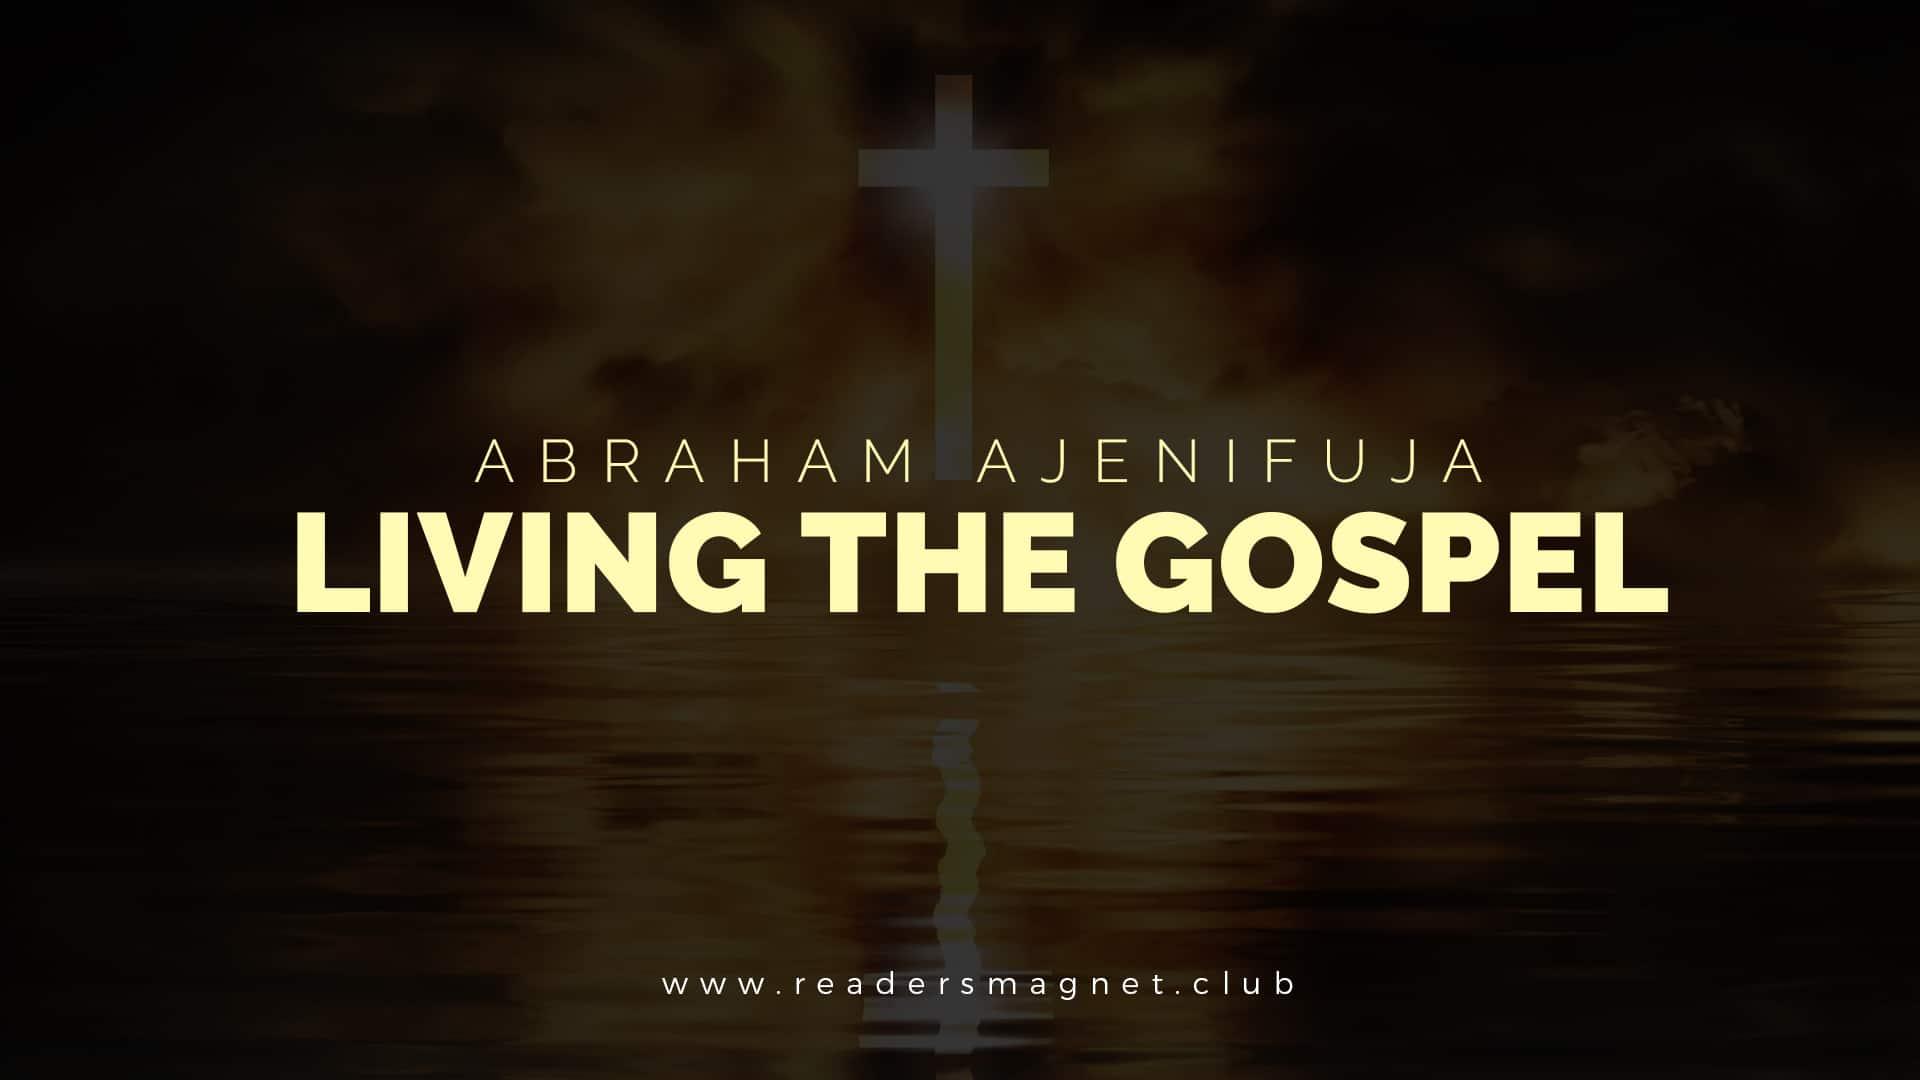 Abraham Ajenifuja on Living the Gospel banner